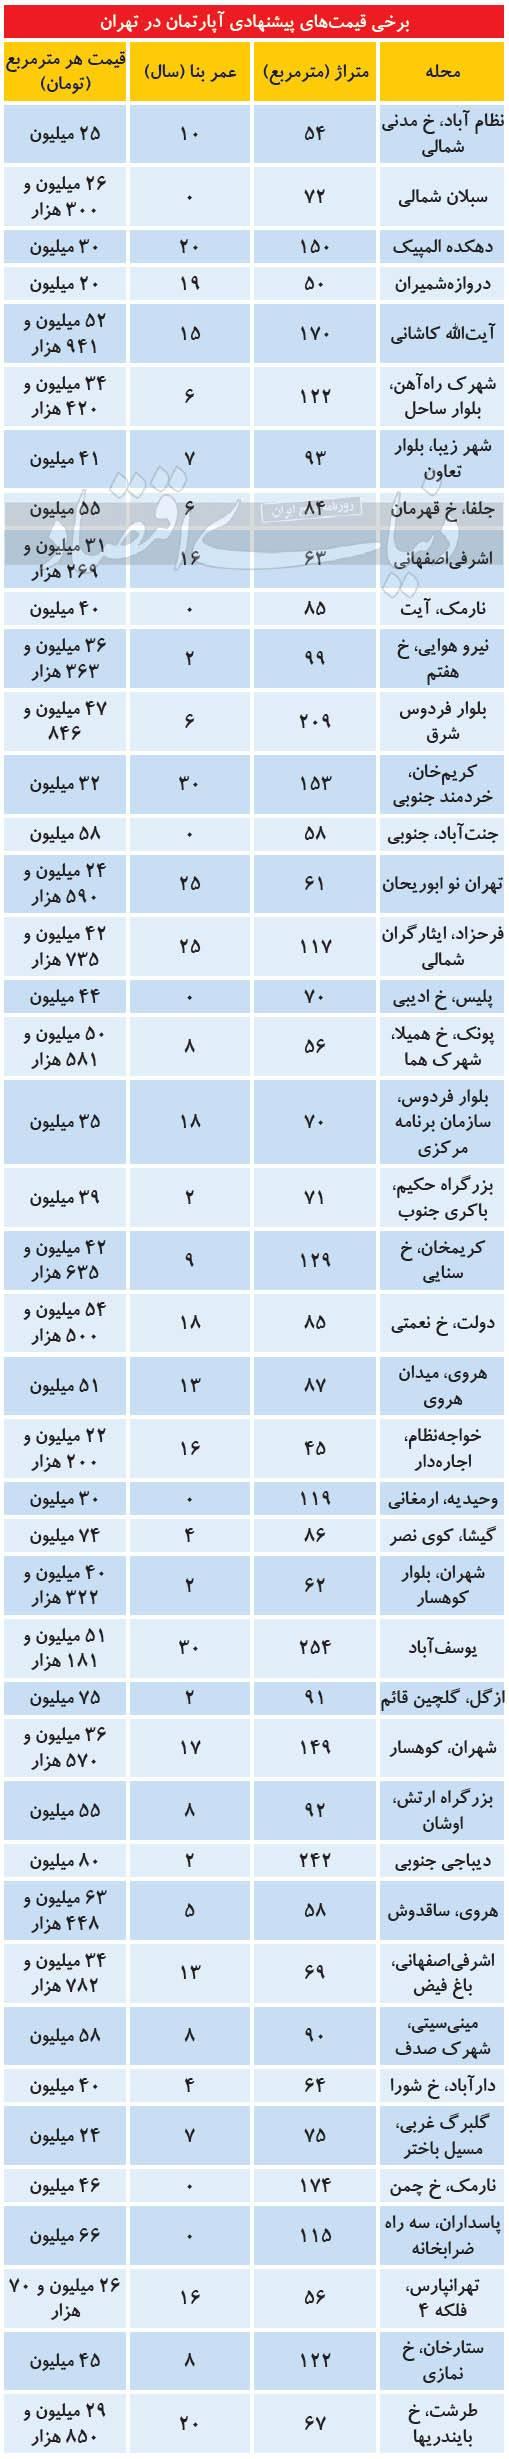 بازار خرید و فروش ملک در برخی از مناطق پایتخت,افزایش قیمت ملک در تهران